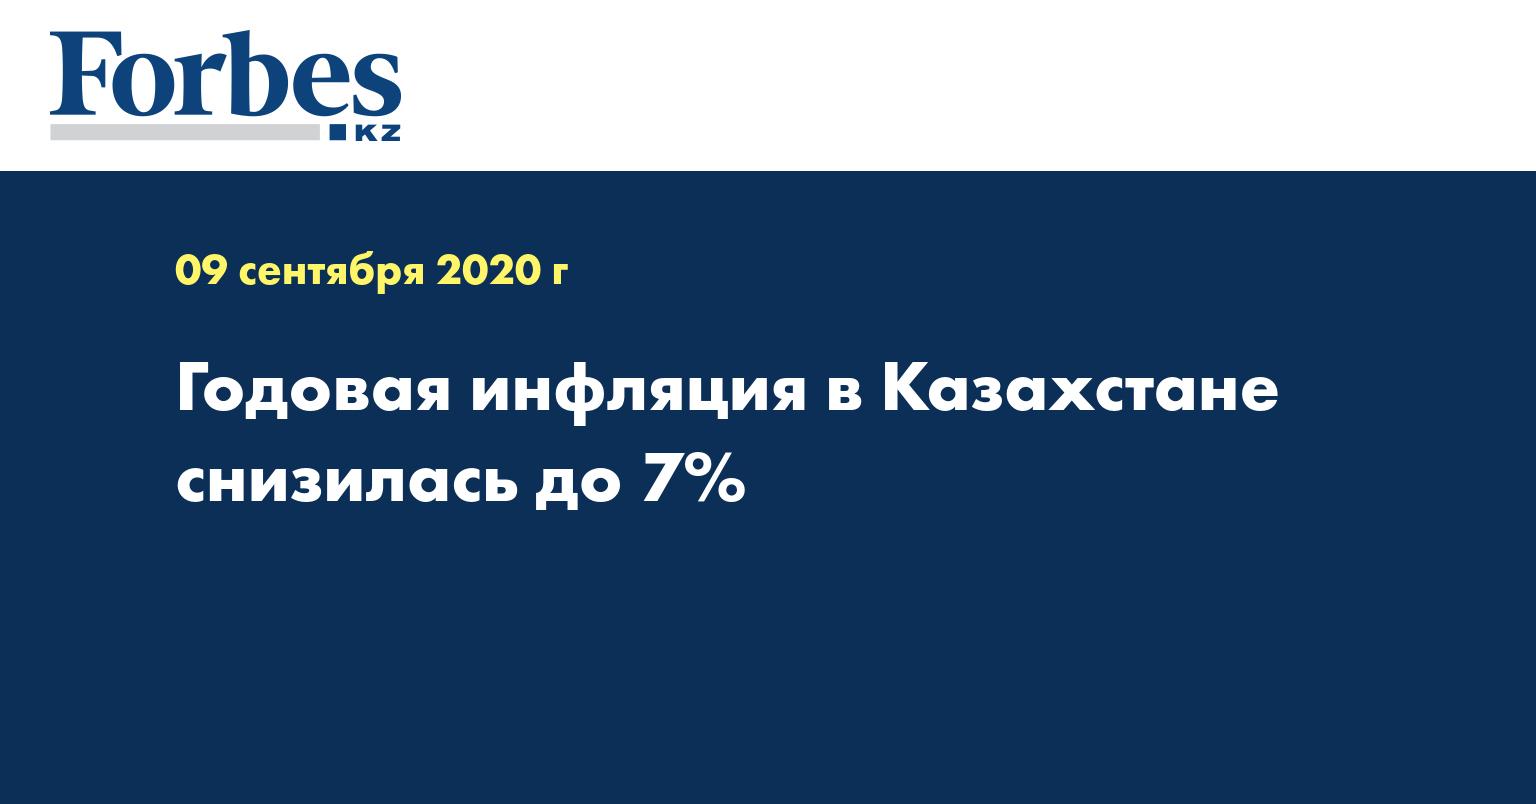 Годовая инфляция в Казахстане снизилась до 7%